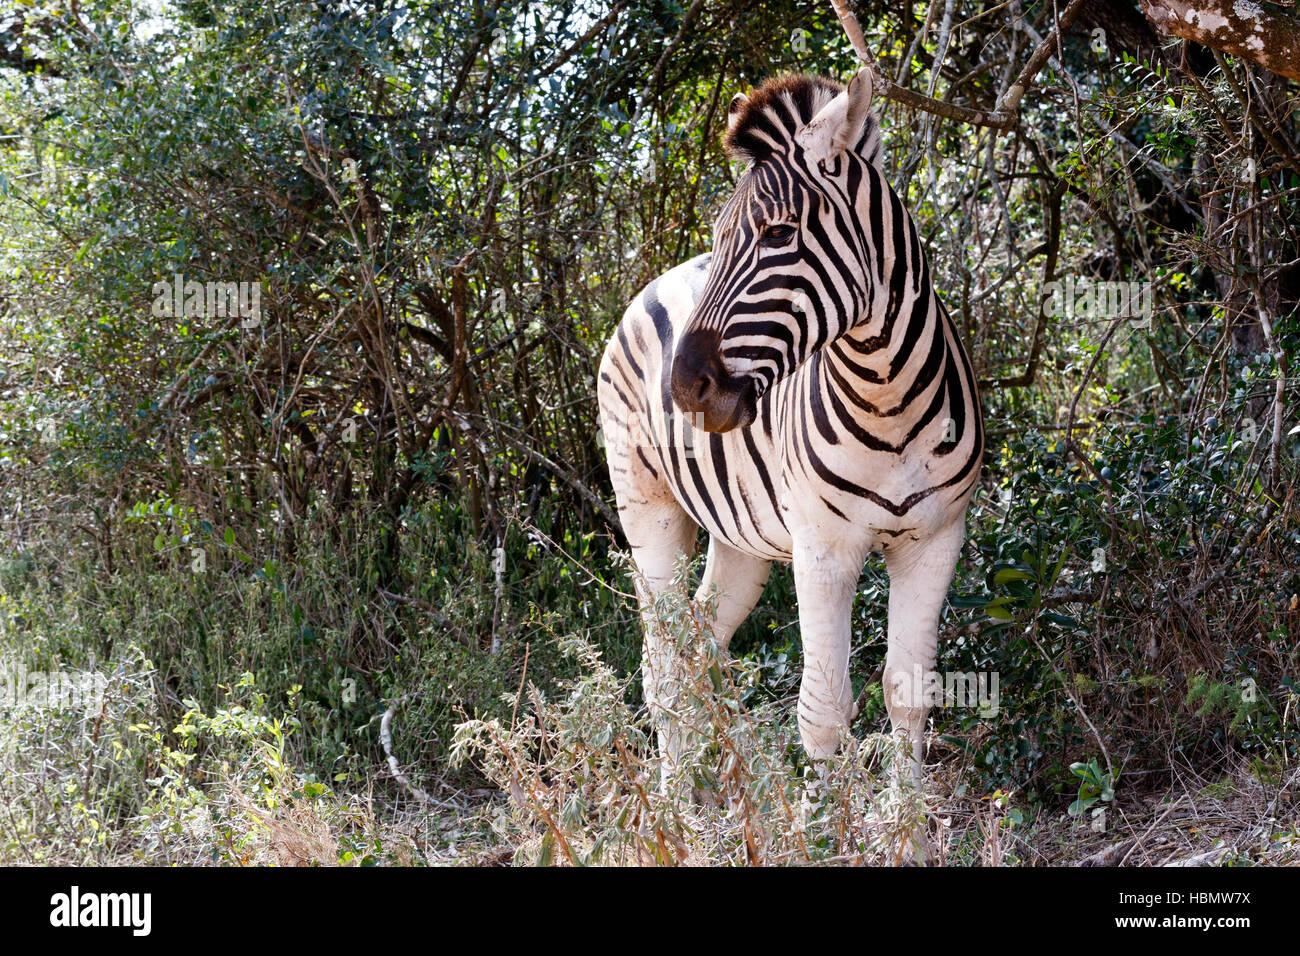 Burchells Zebra Looking Left - Stock Image